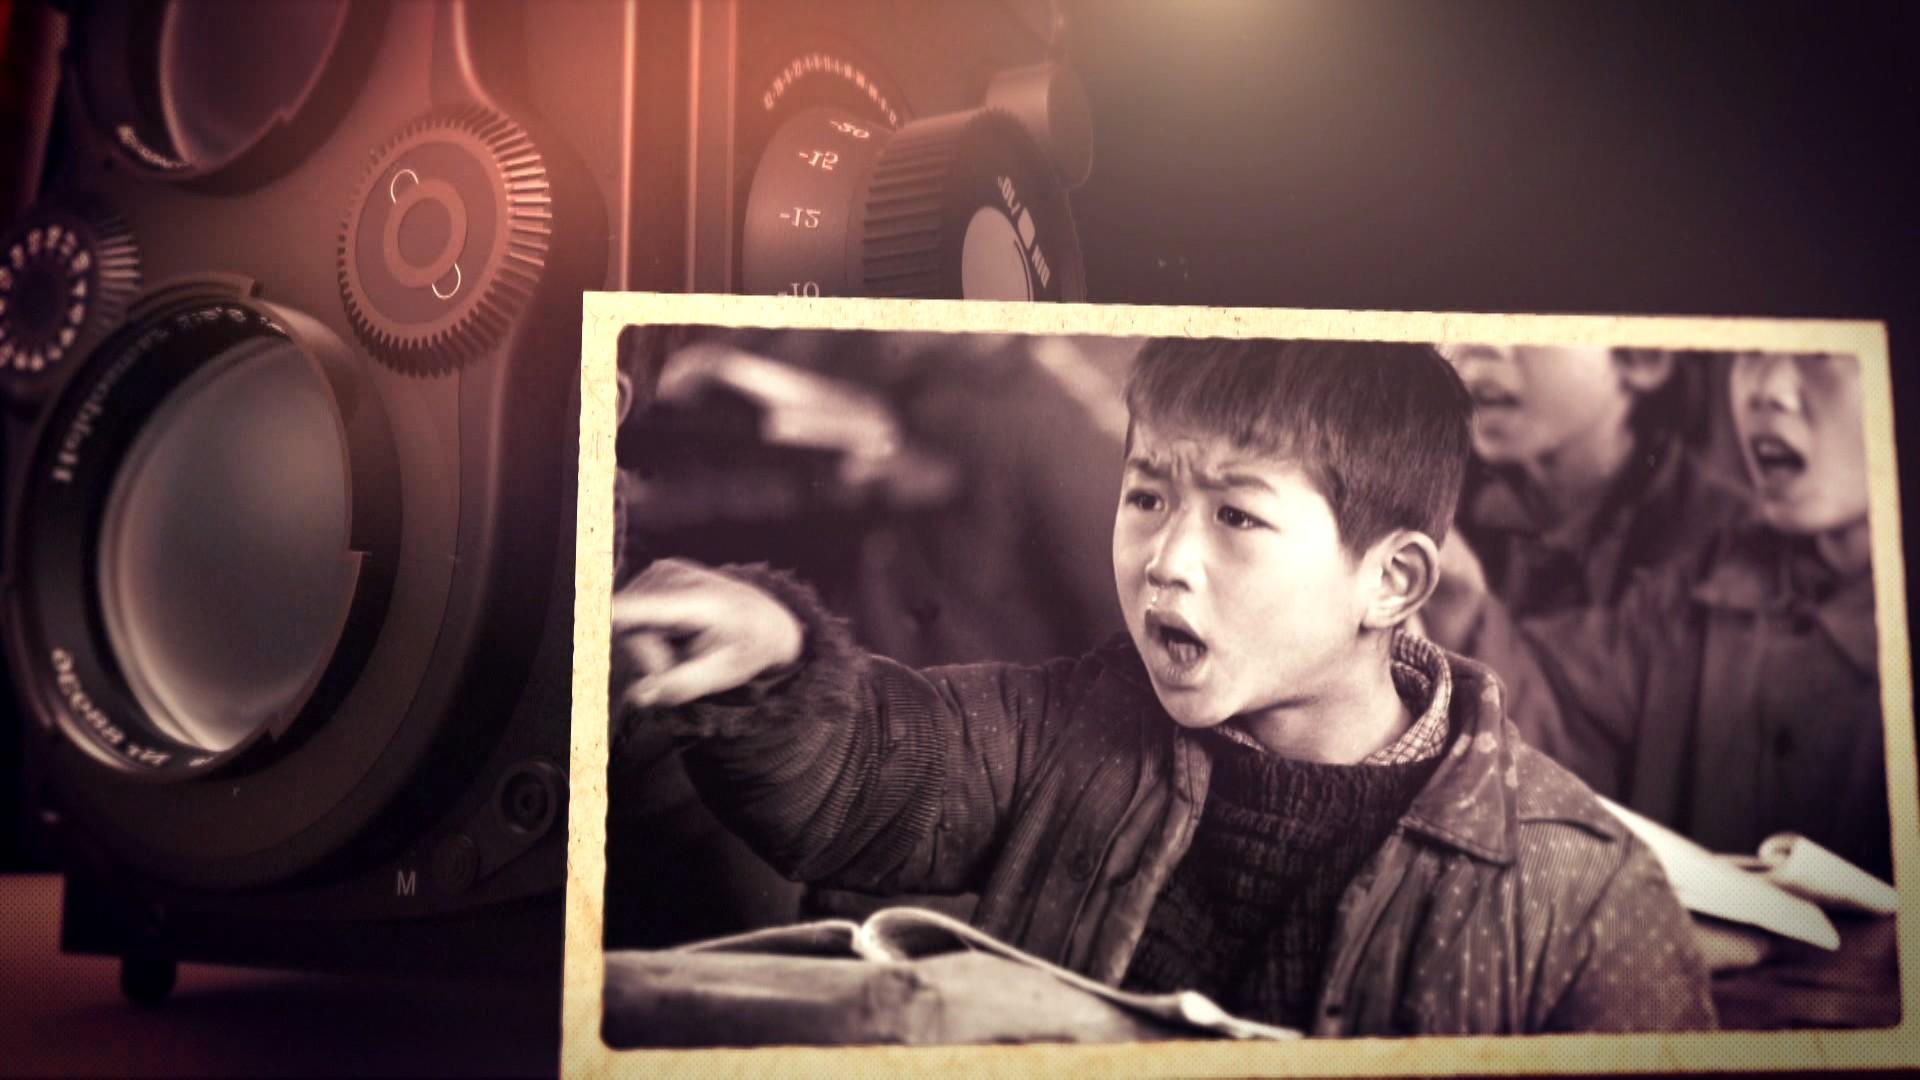 """64秒丨还记得28年前的""""大鼻涕""""男孩吗? 如今他正在济南追梦"""